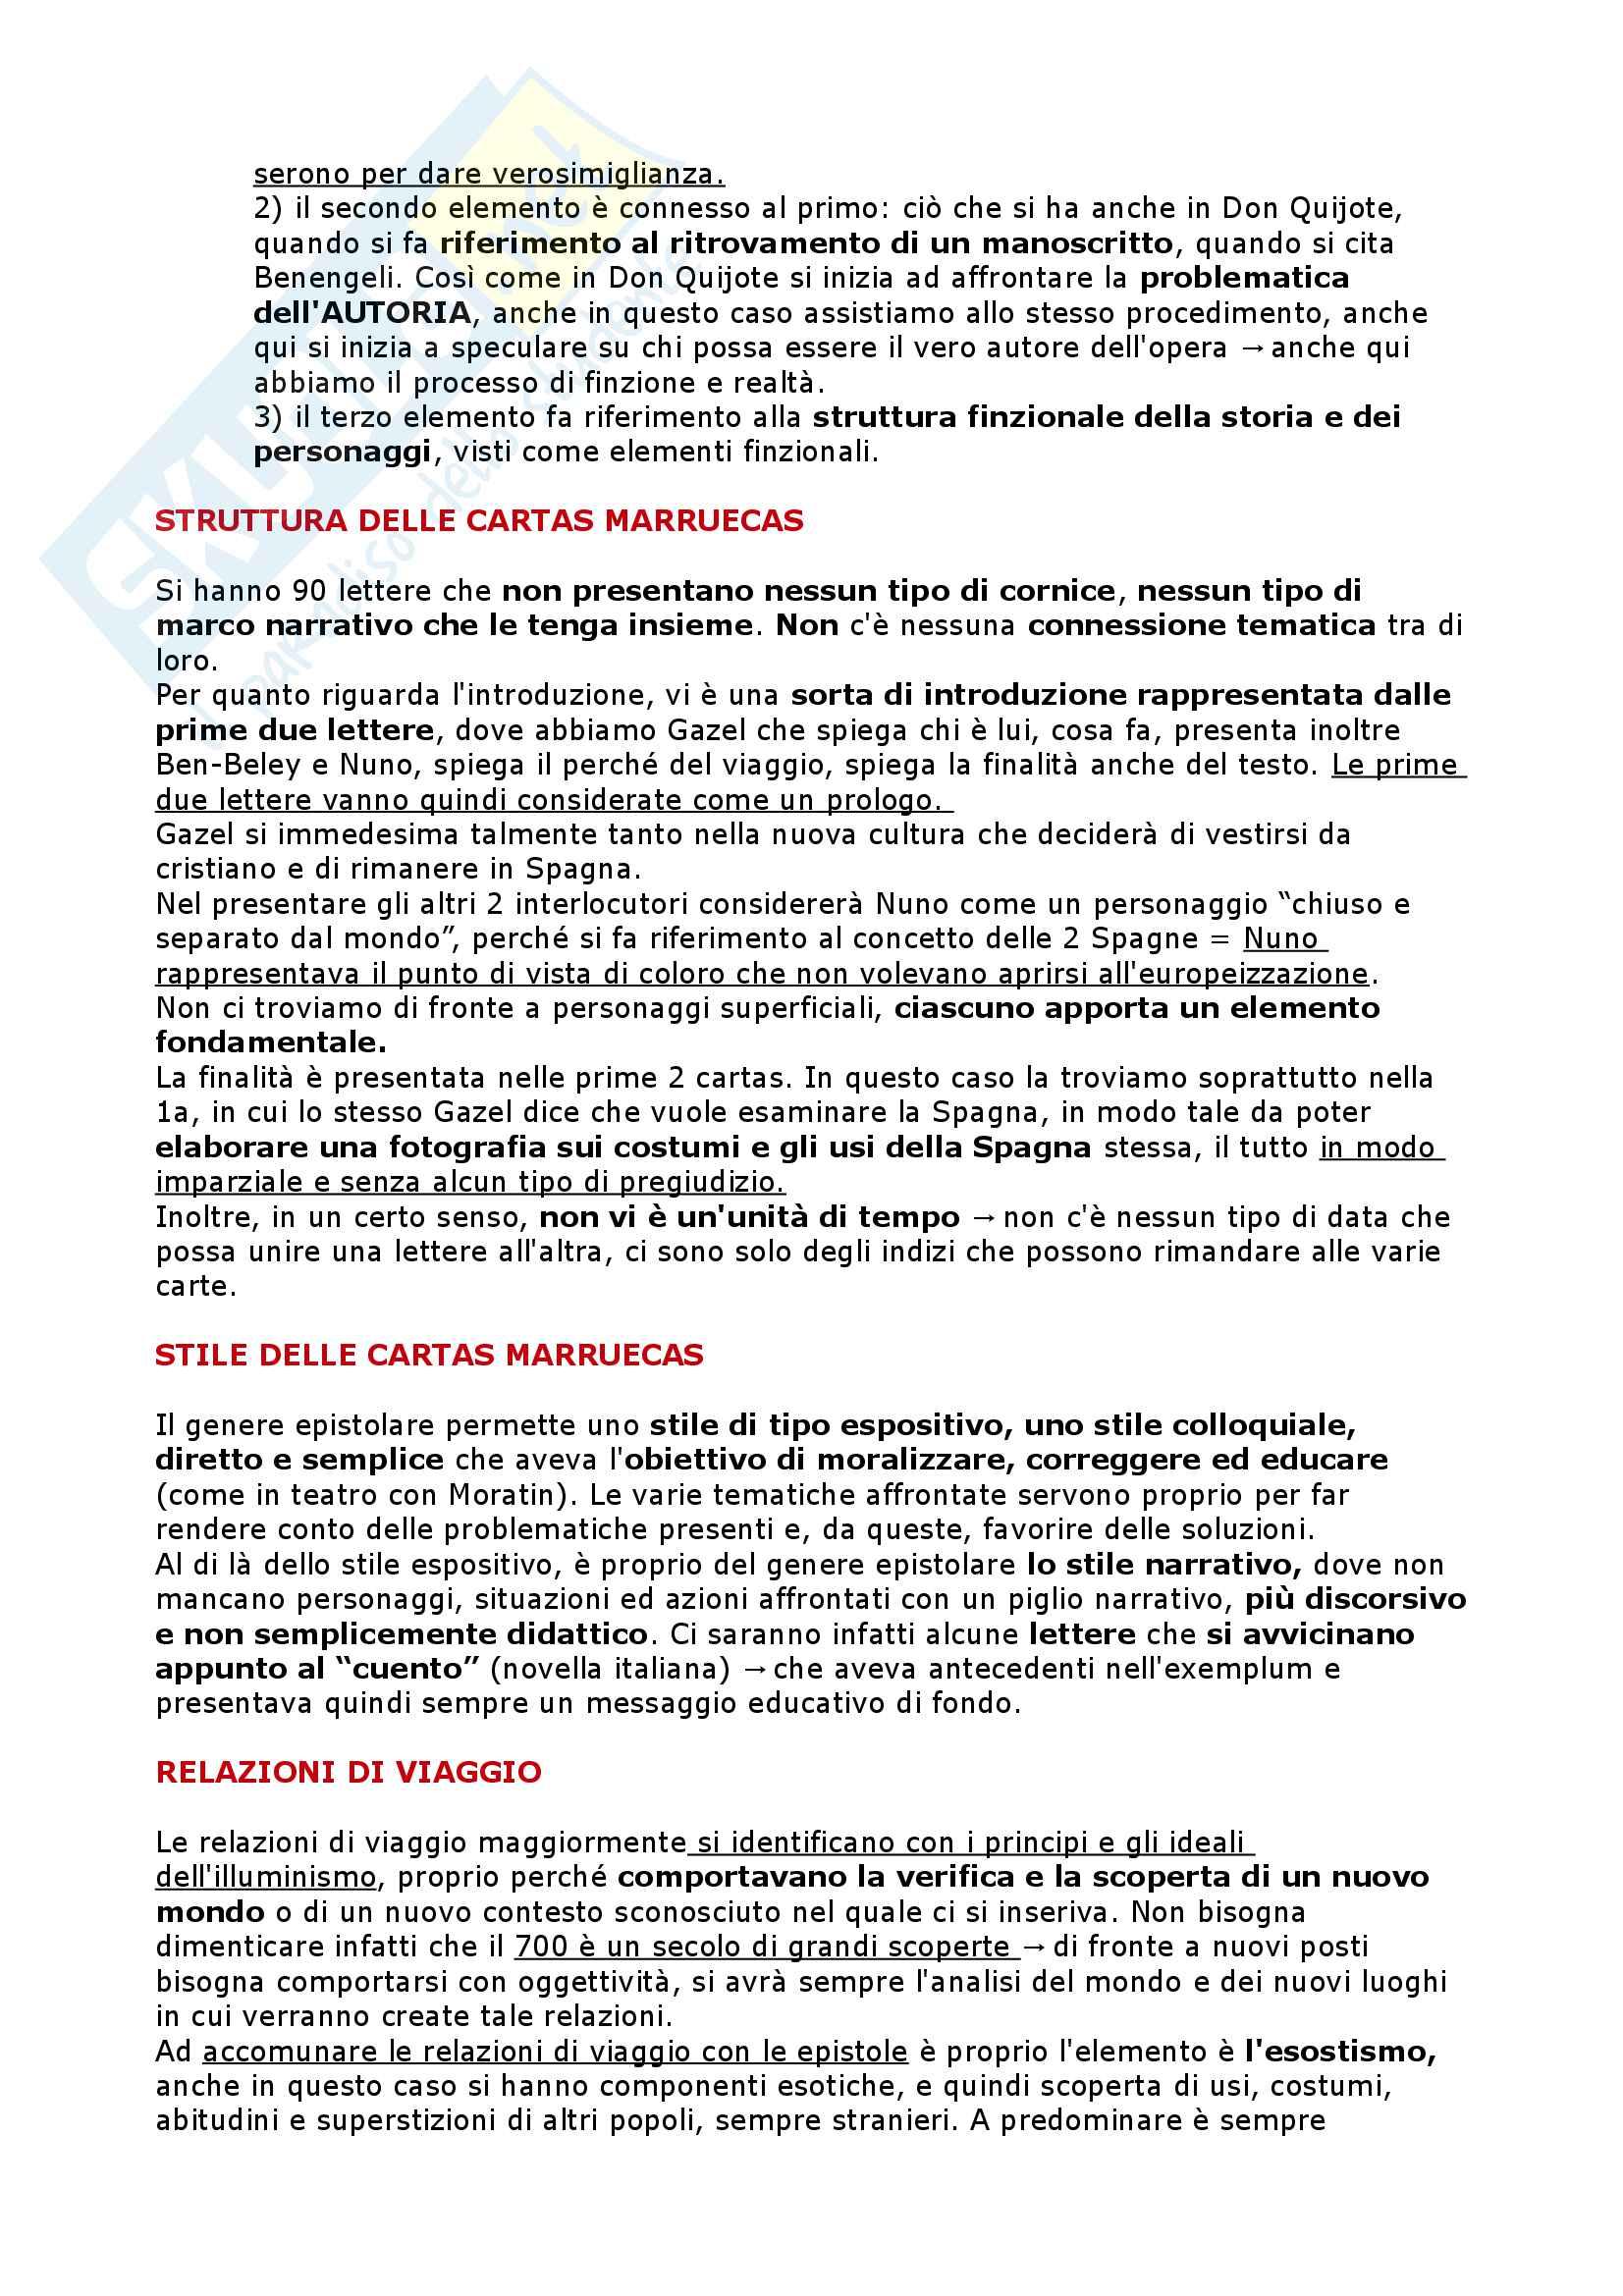 Il Settecento, l'Ottocento, il Novecento - Letteratura Spagnola II Pag. 36